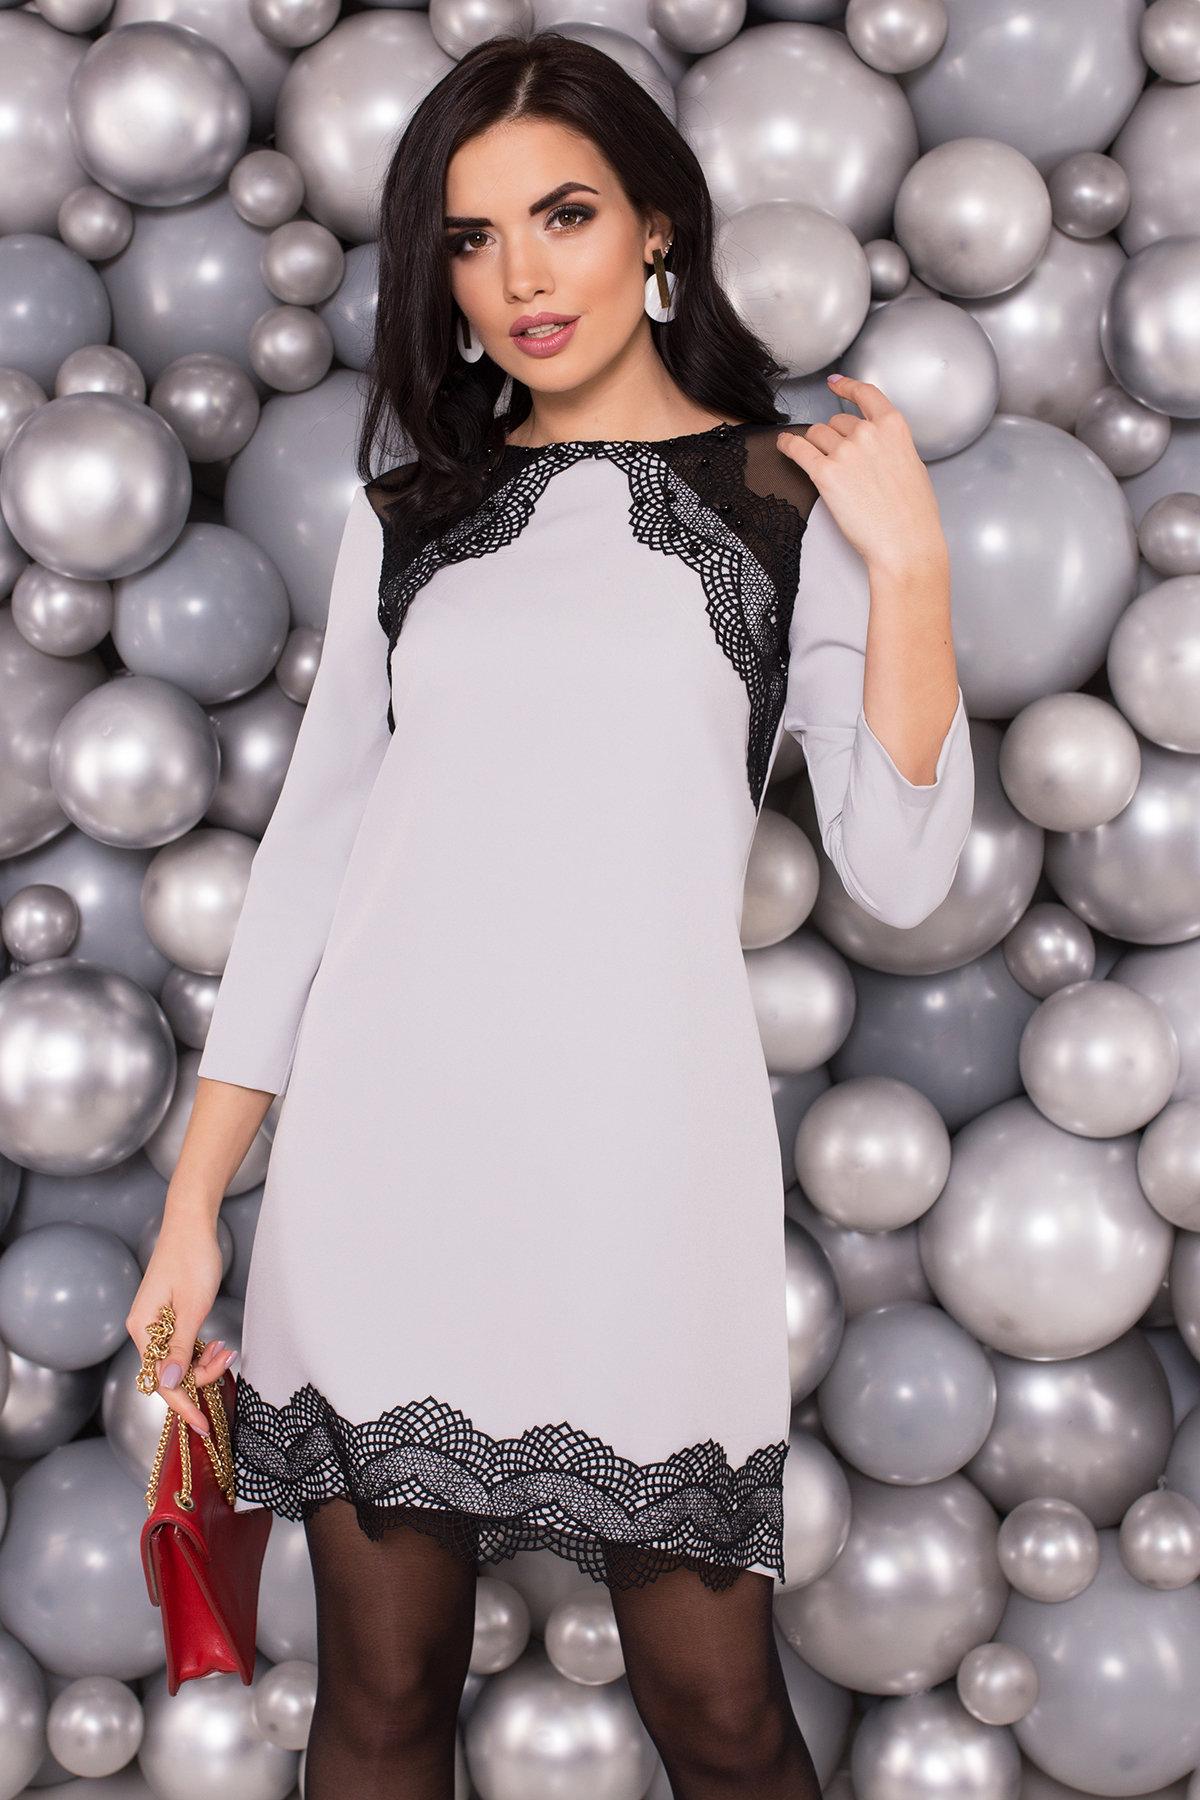 Платье Алексис 5517 АРТ. 37614 Цвет: Серый - фото 3, интернет магазин tm-modus.ru